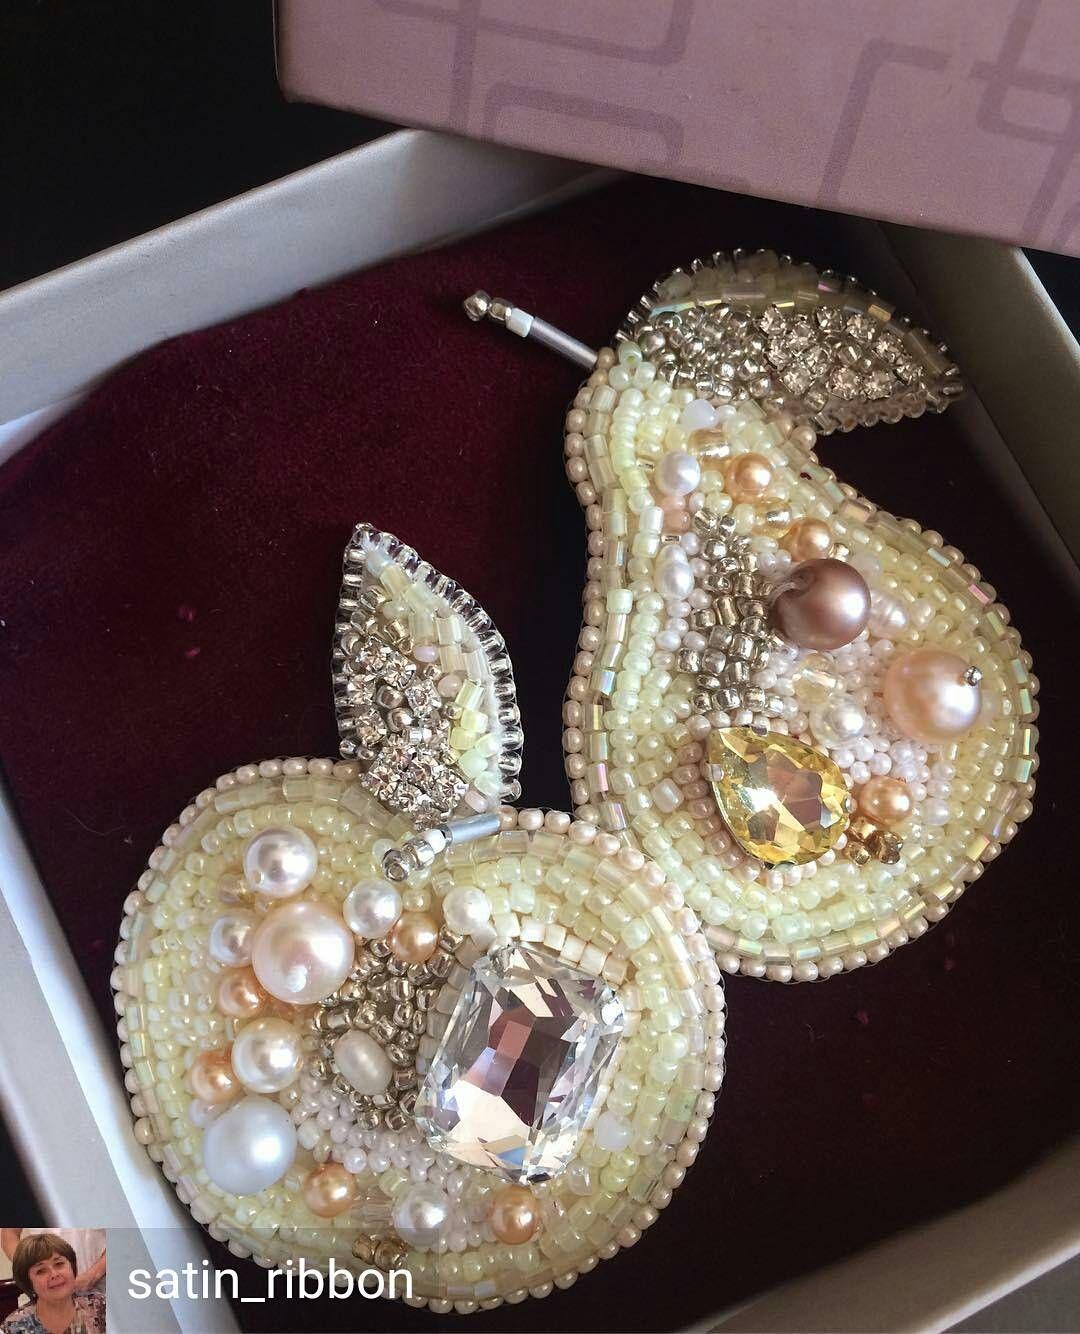 @Regrann from @satin_ribbon - Стильные броши Белое Яблоко и Груша придадут Вашему образу яркость и индивидуальность, а ,может быть, станут приятным подарком для любимой. В свободной продаже. #tvoy_handmade #accessories #beadswork #bestmastera #jewelry #аксессуары #стильно #модно #презентабельно #стильныеукрашения #брошьручнойработы #вышитаябисеромброшь - #regrann